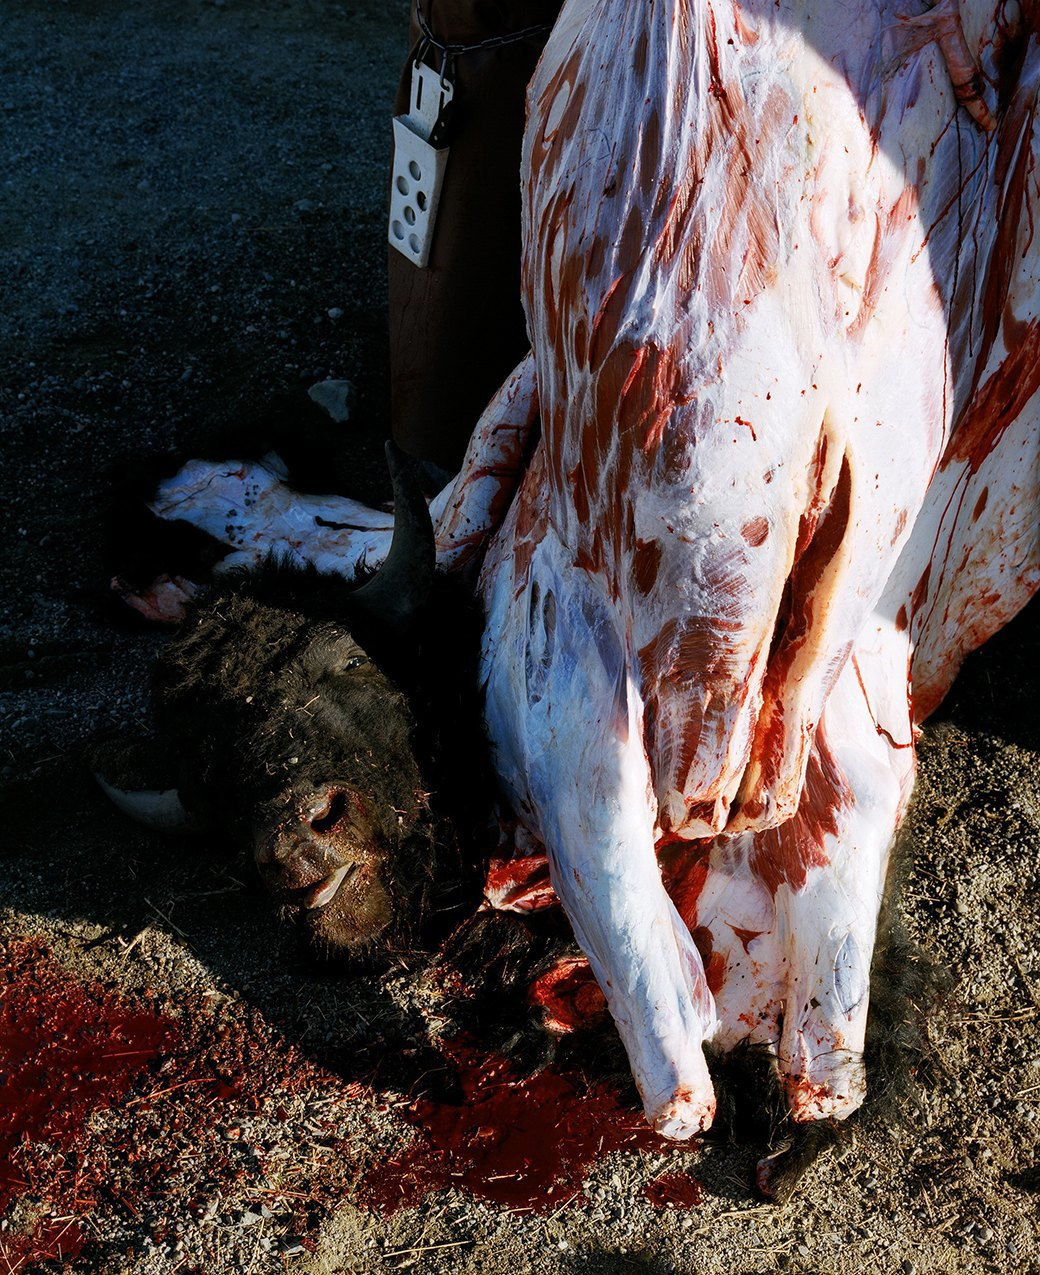 Бытовая жизнь работников бизоньего ранчо в США . Изображение № 18.